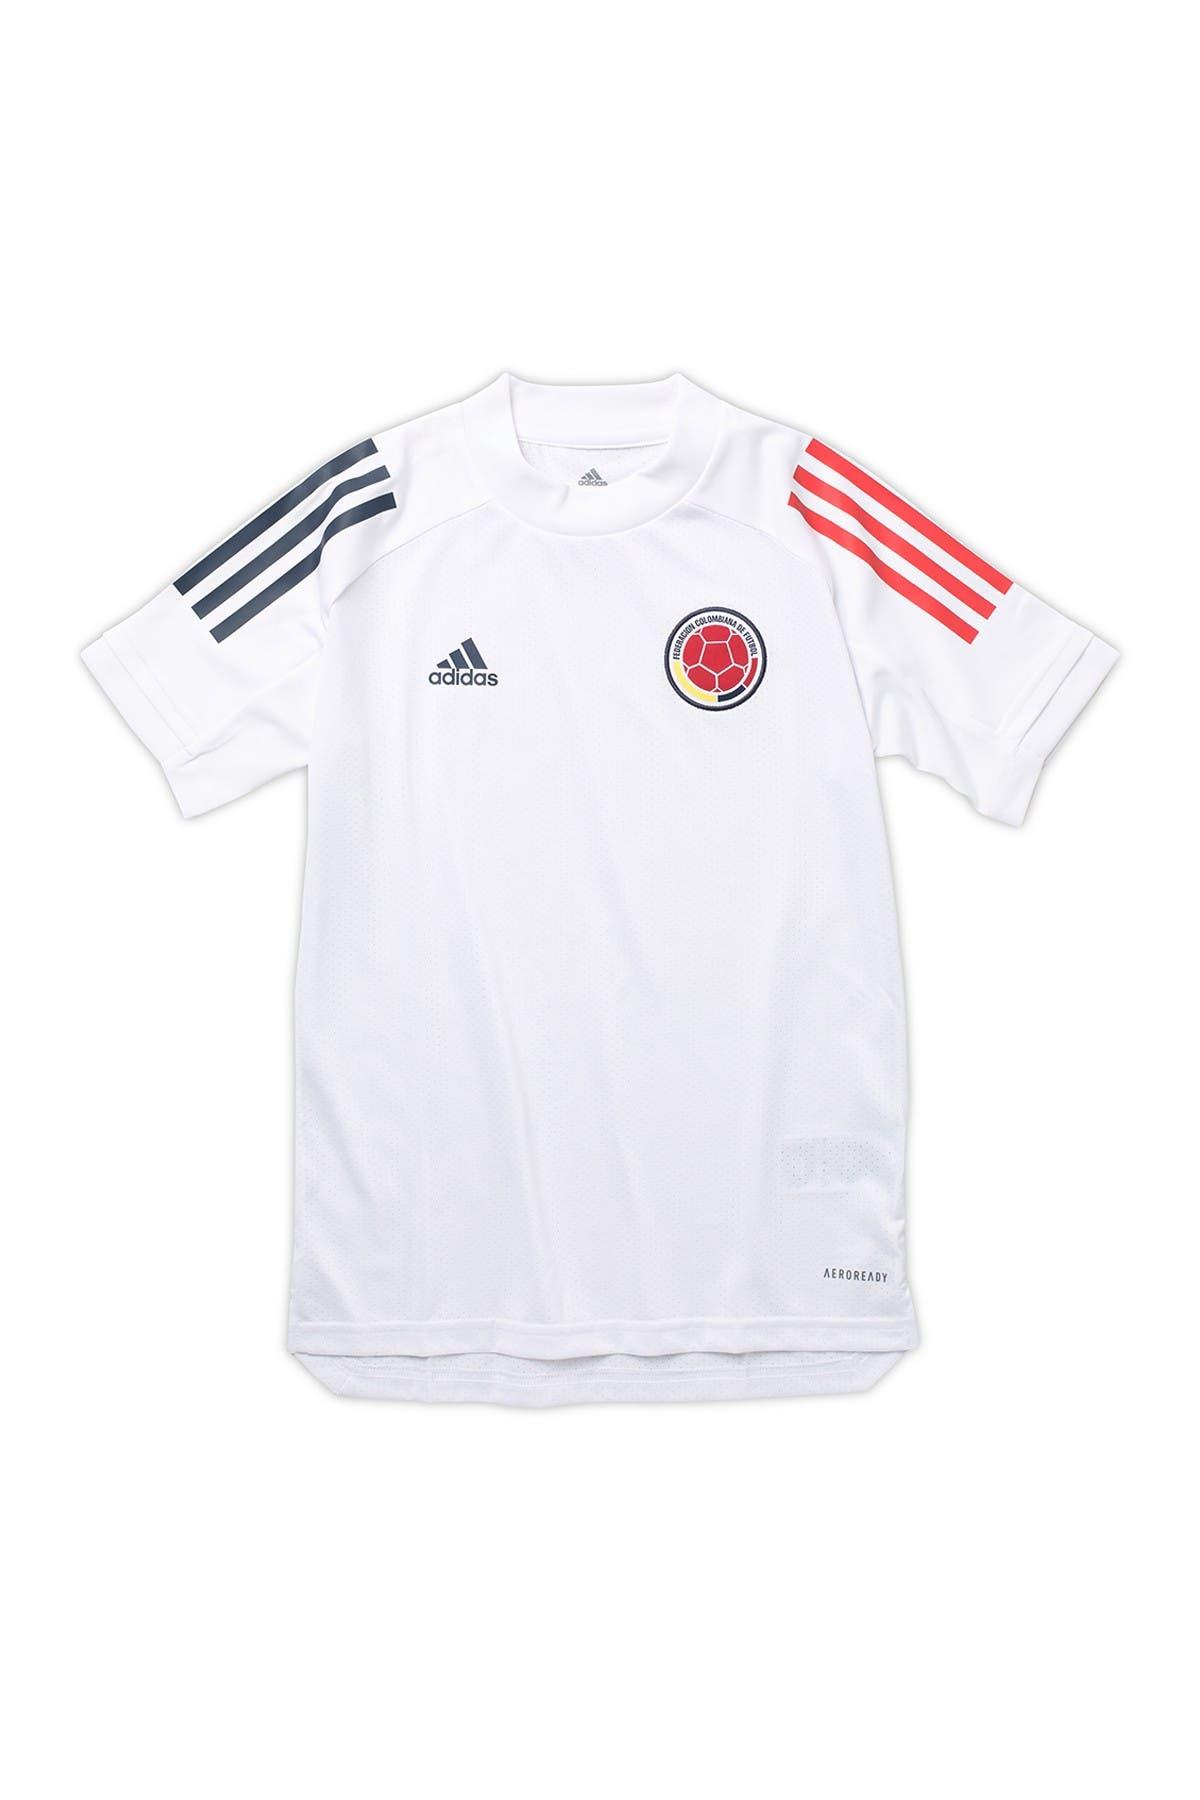 Image of ADIDAS ORIGINALS Federacion Colombiana de Futbol Soccer Jersey